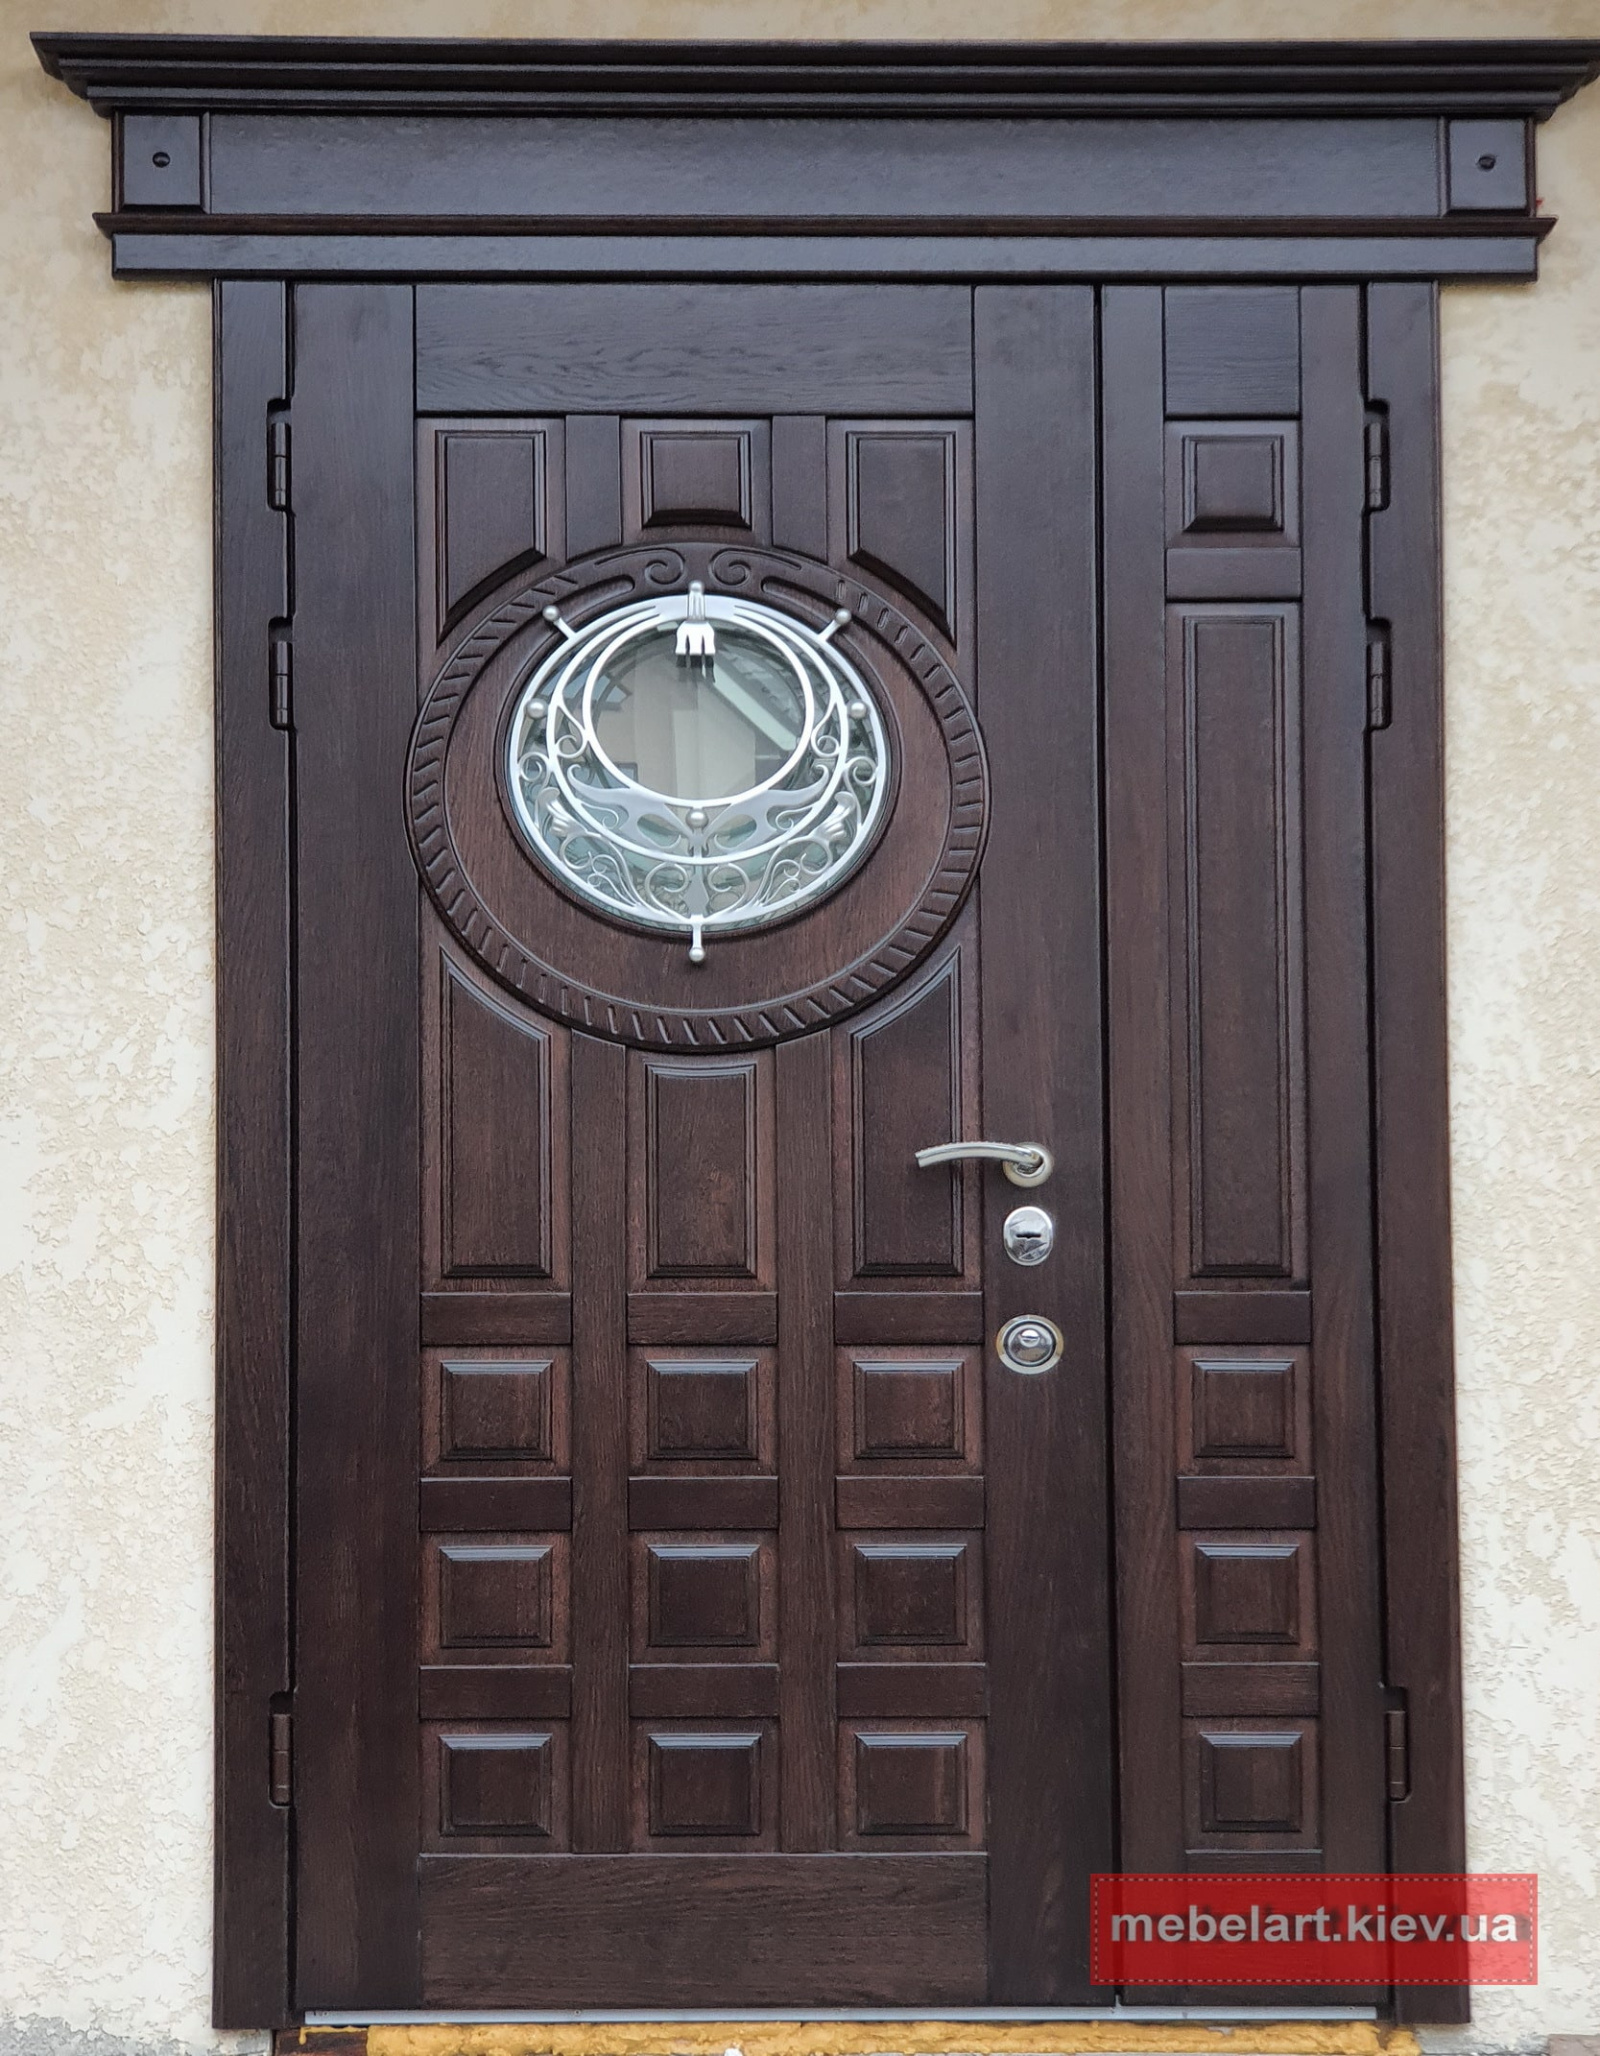 металлическая дверь обшитая деревом